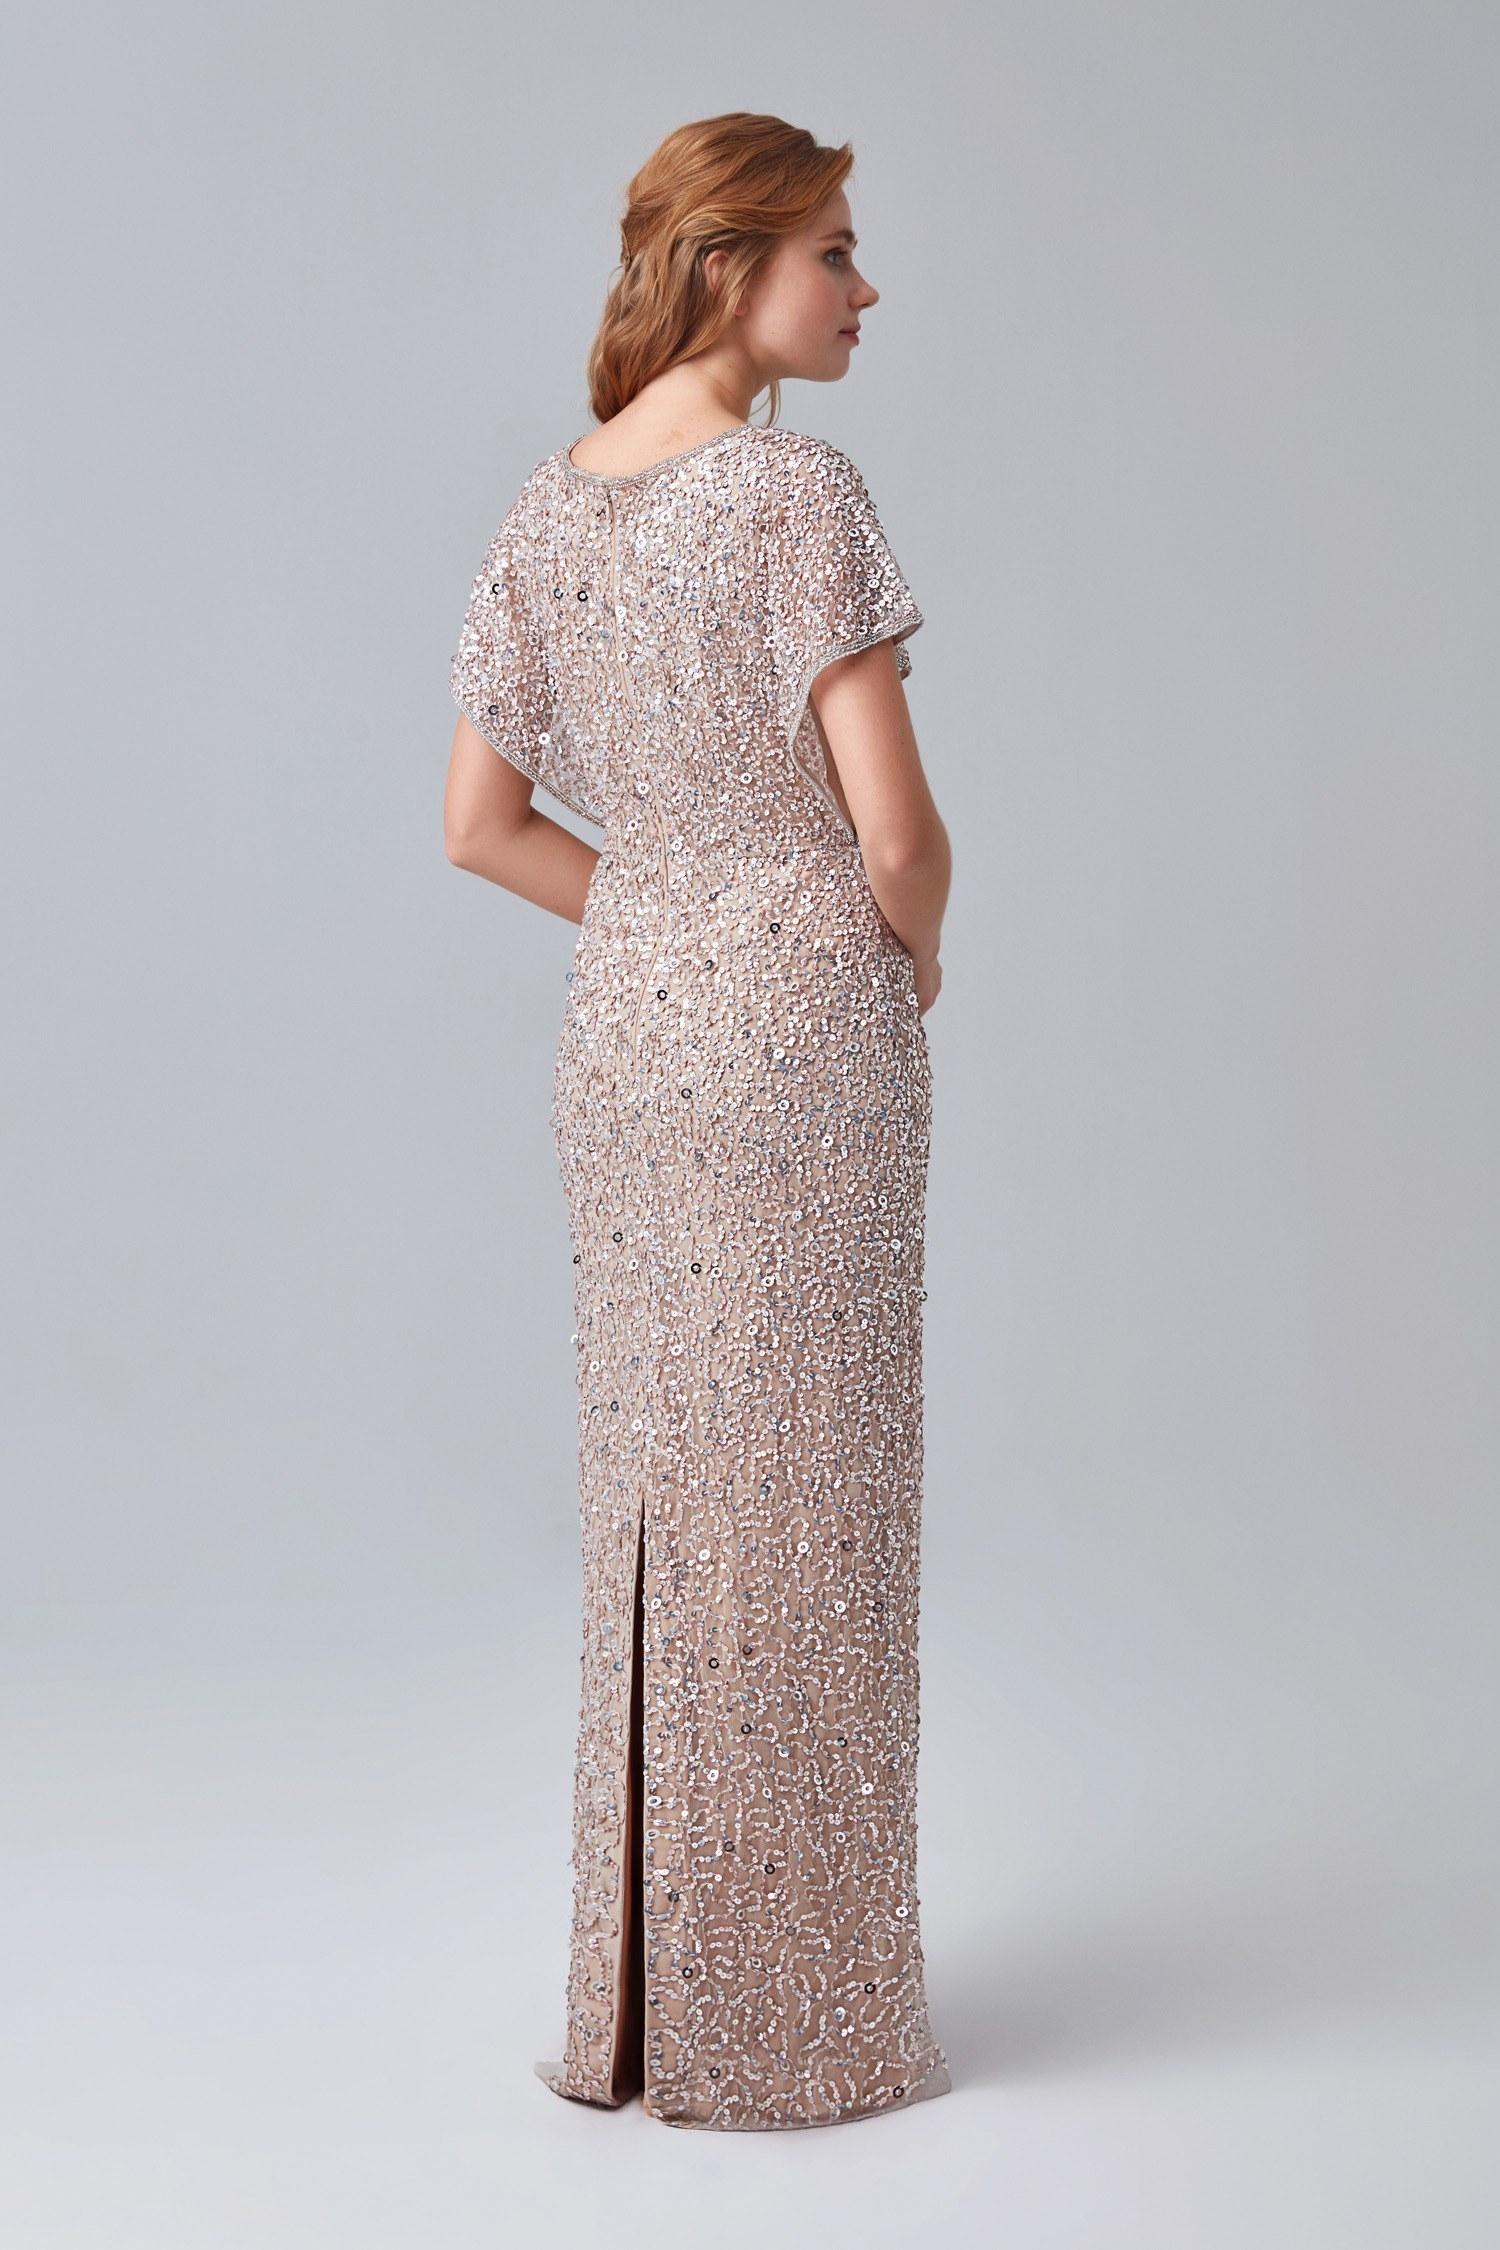 Gümüş Rengi Kısa Kollu Pullu Uzun Abiye Elbise - Thumbnail